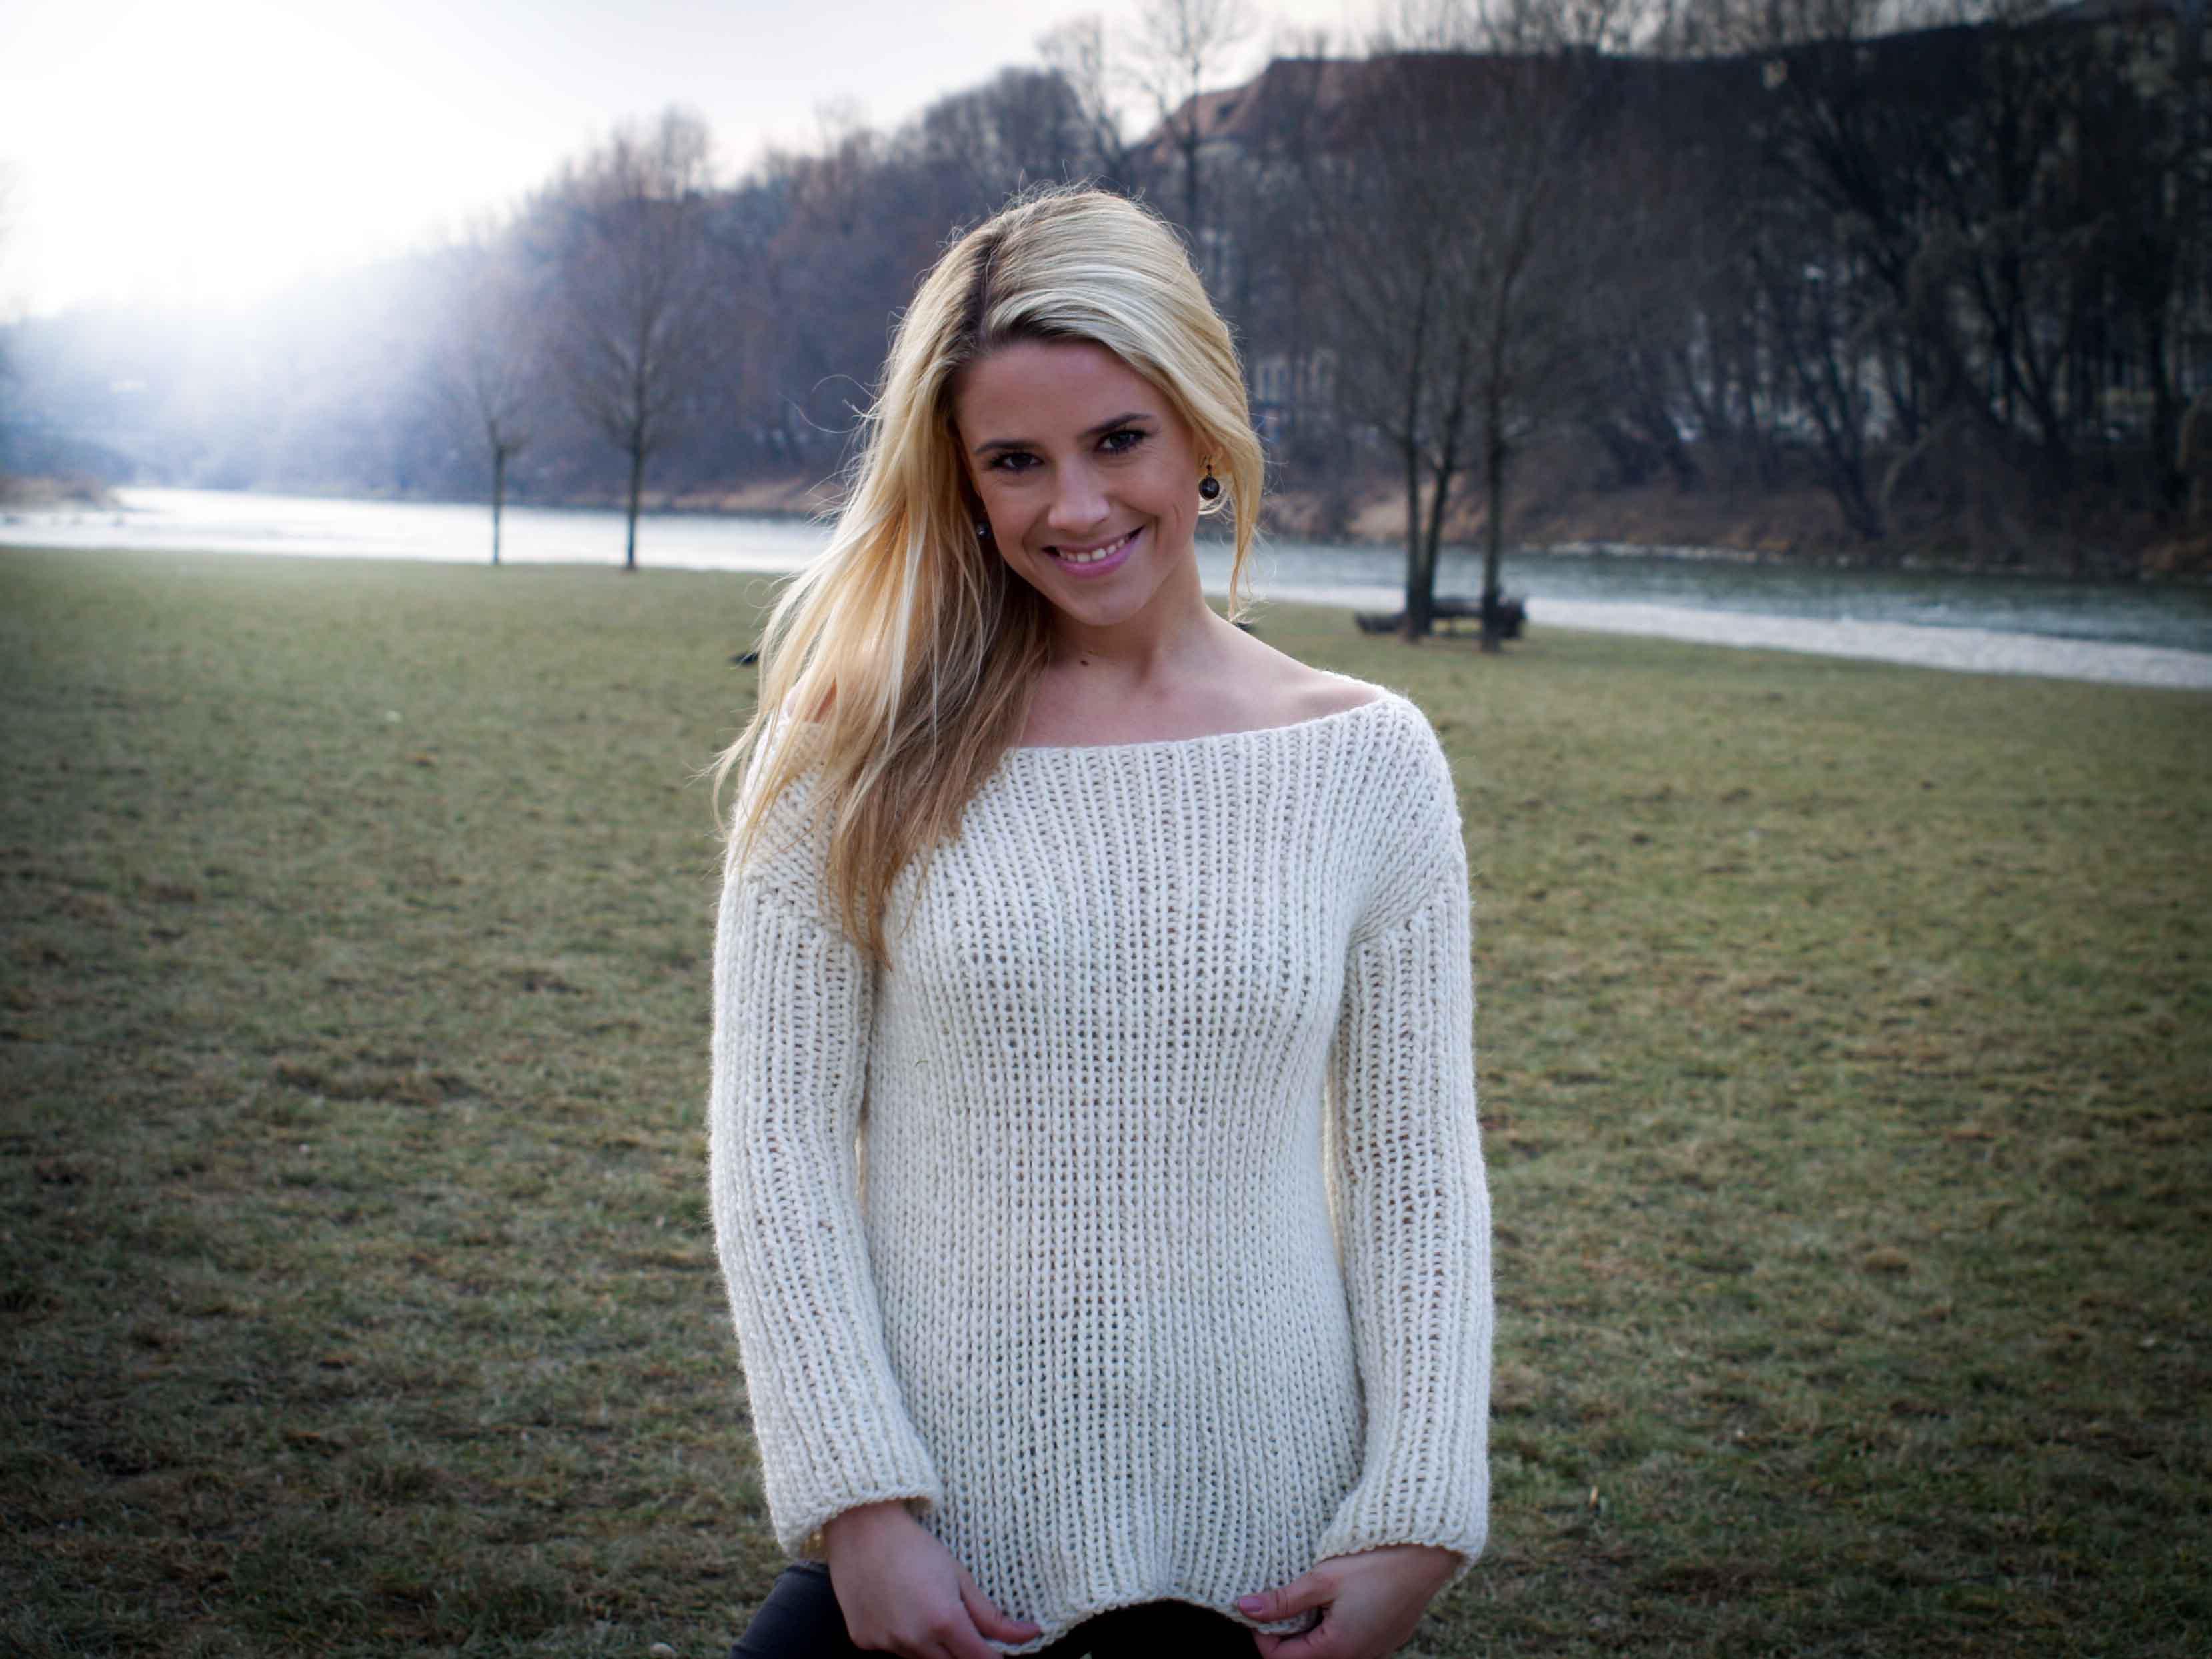 We are knitters – Buttercream Sweater – Das Ergebnis – judithhaekelt.de